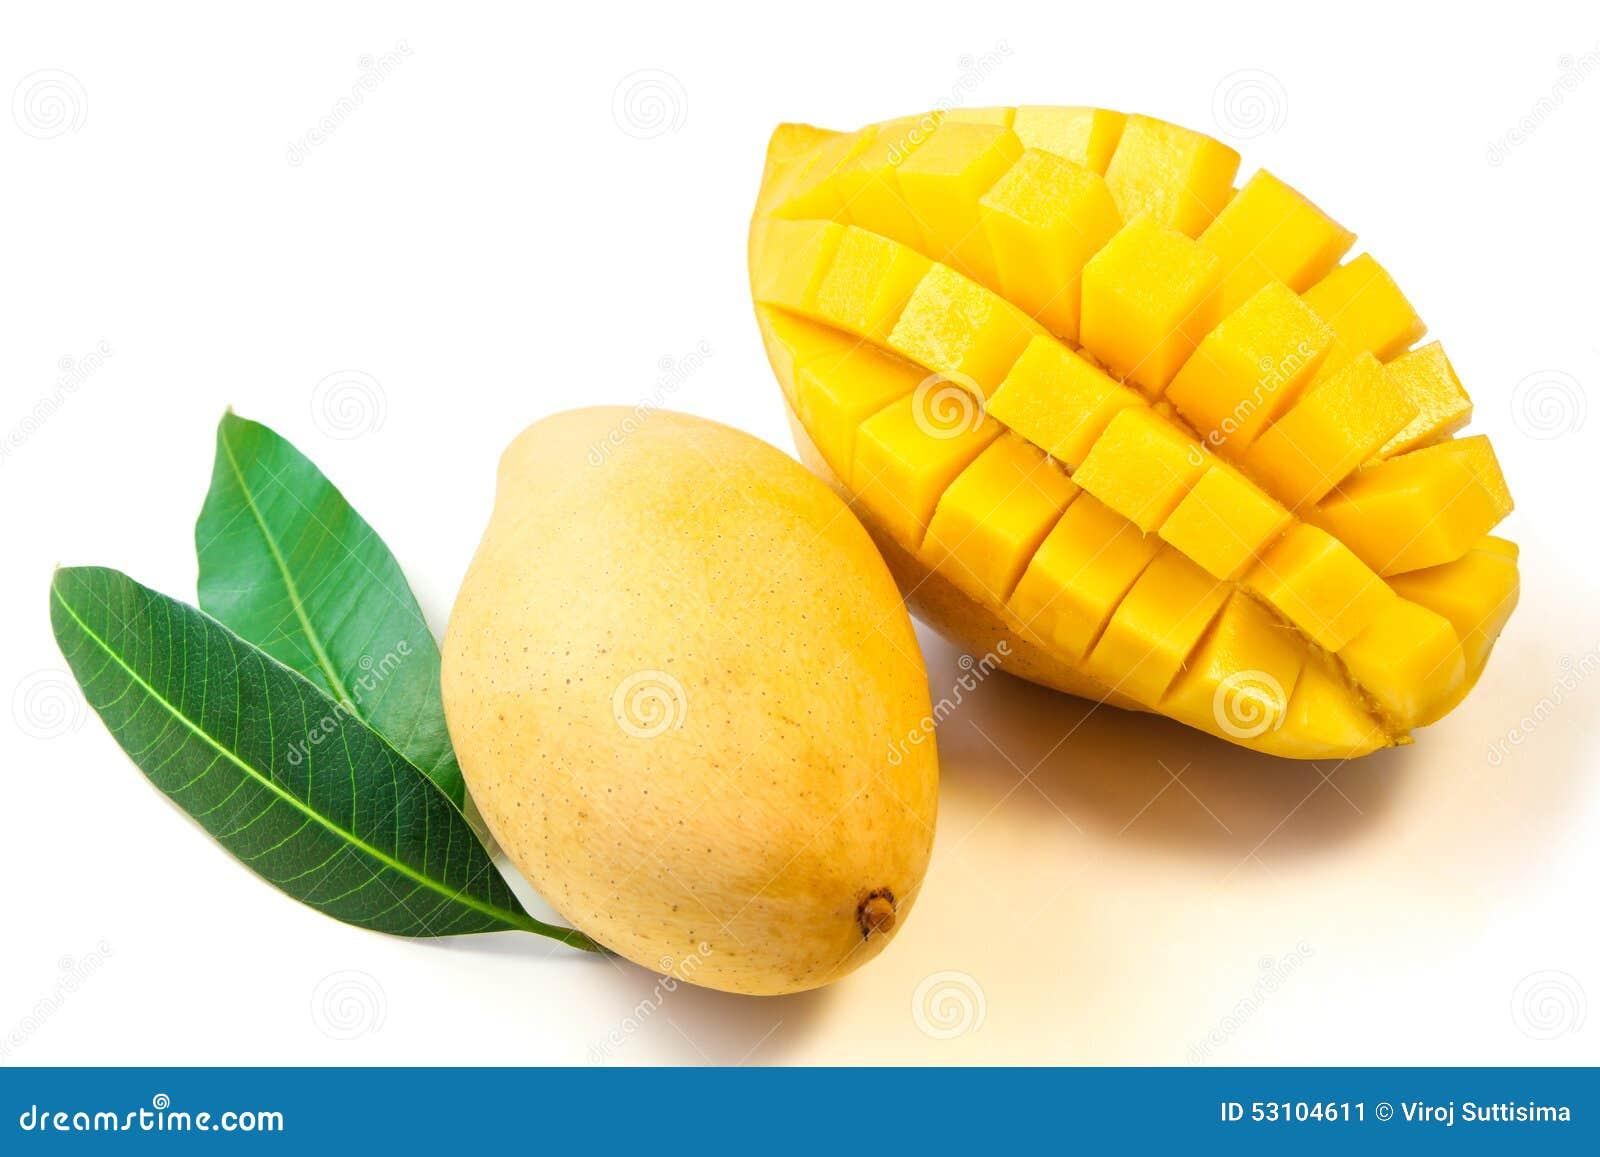 Mango Fruit With Leaves. Stock Photo - Image: 53104611